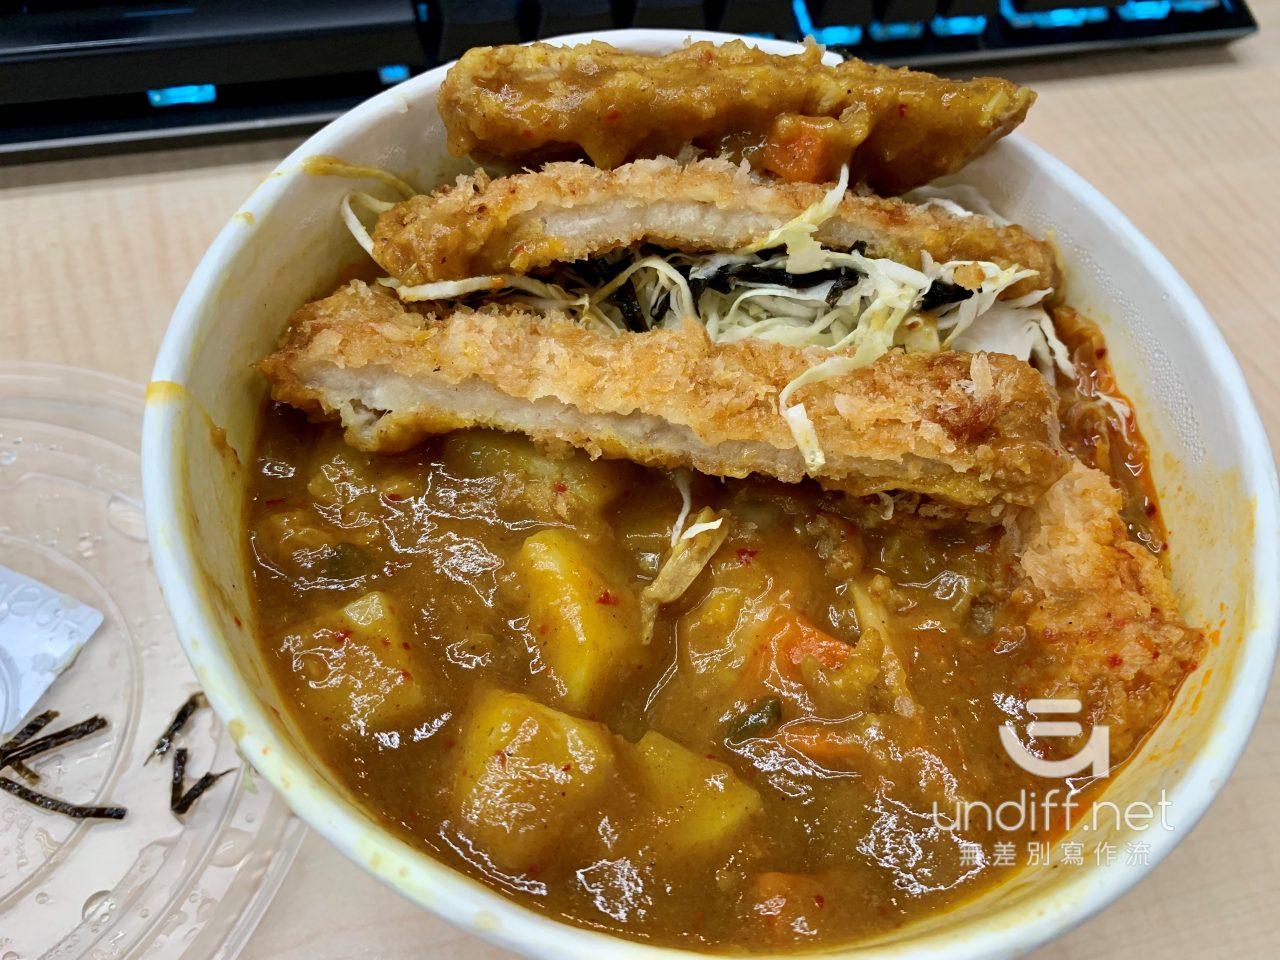 【內湖 訂便當日記】咖食堂 16